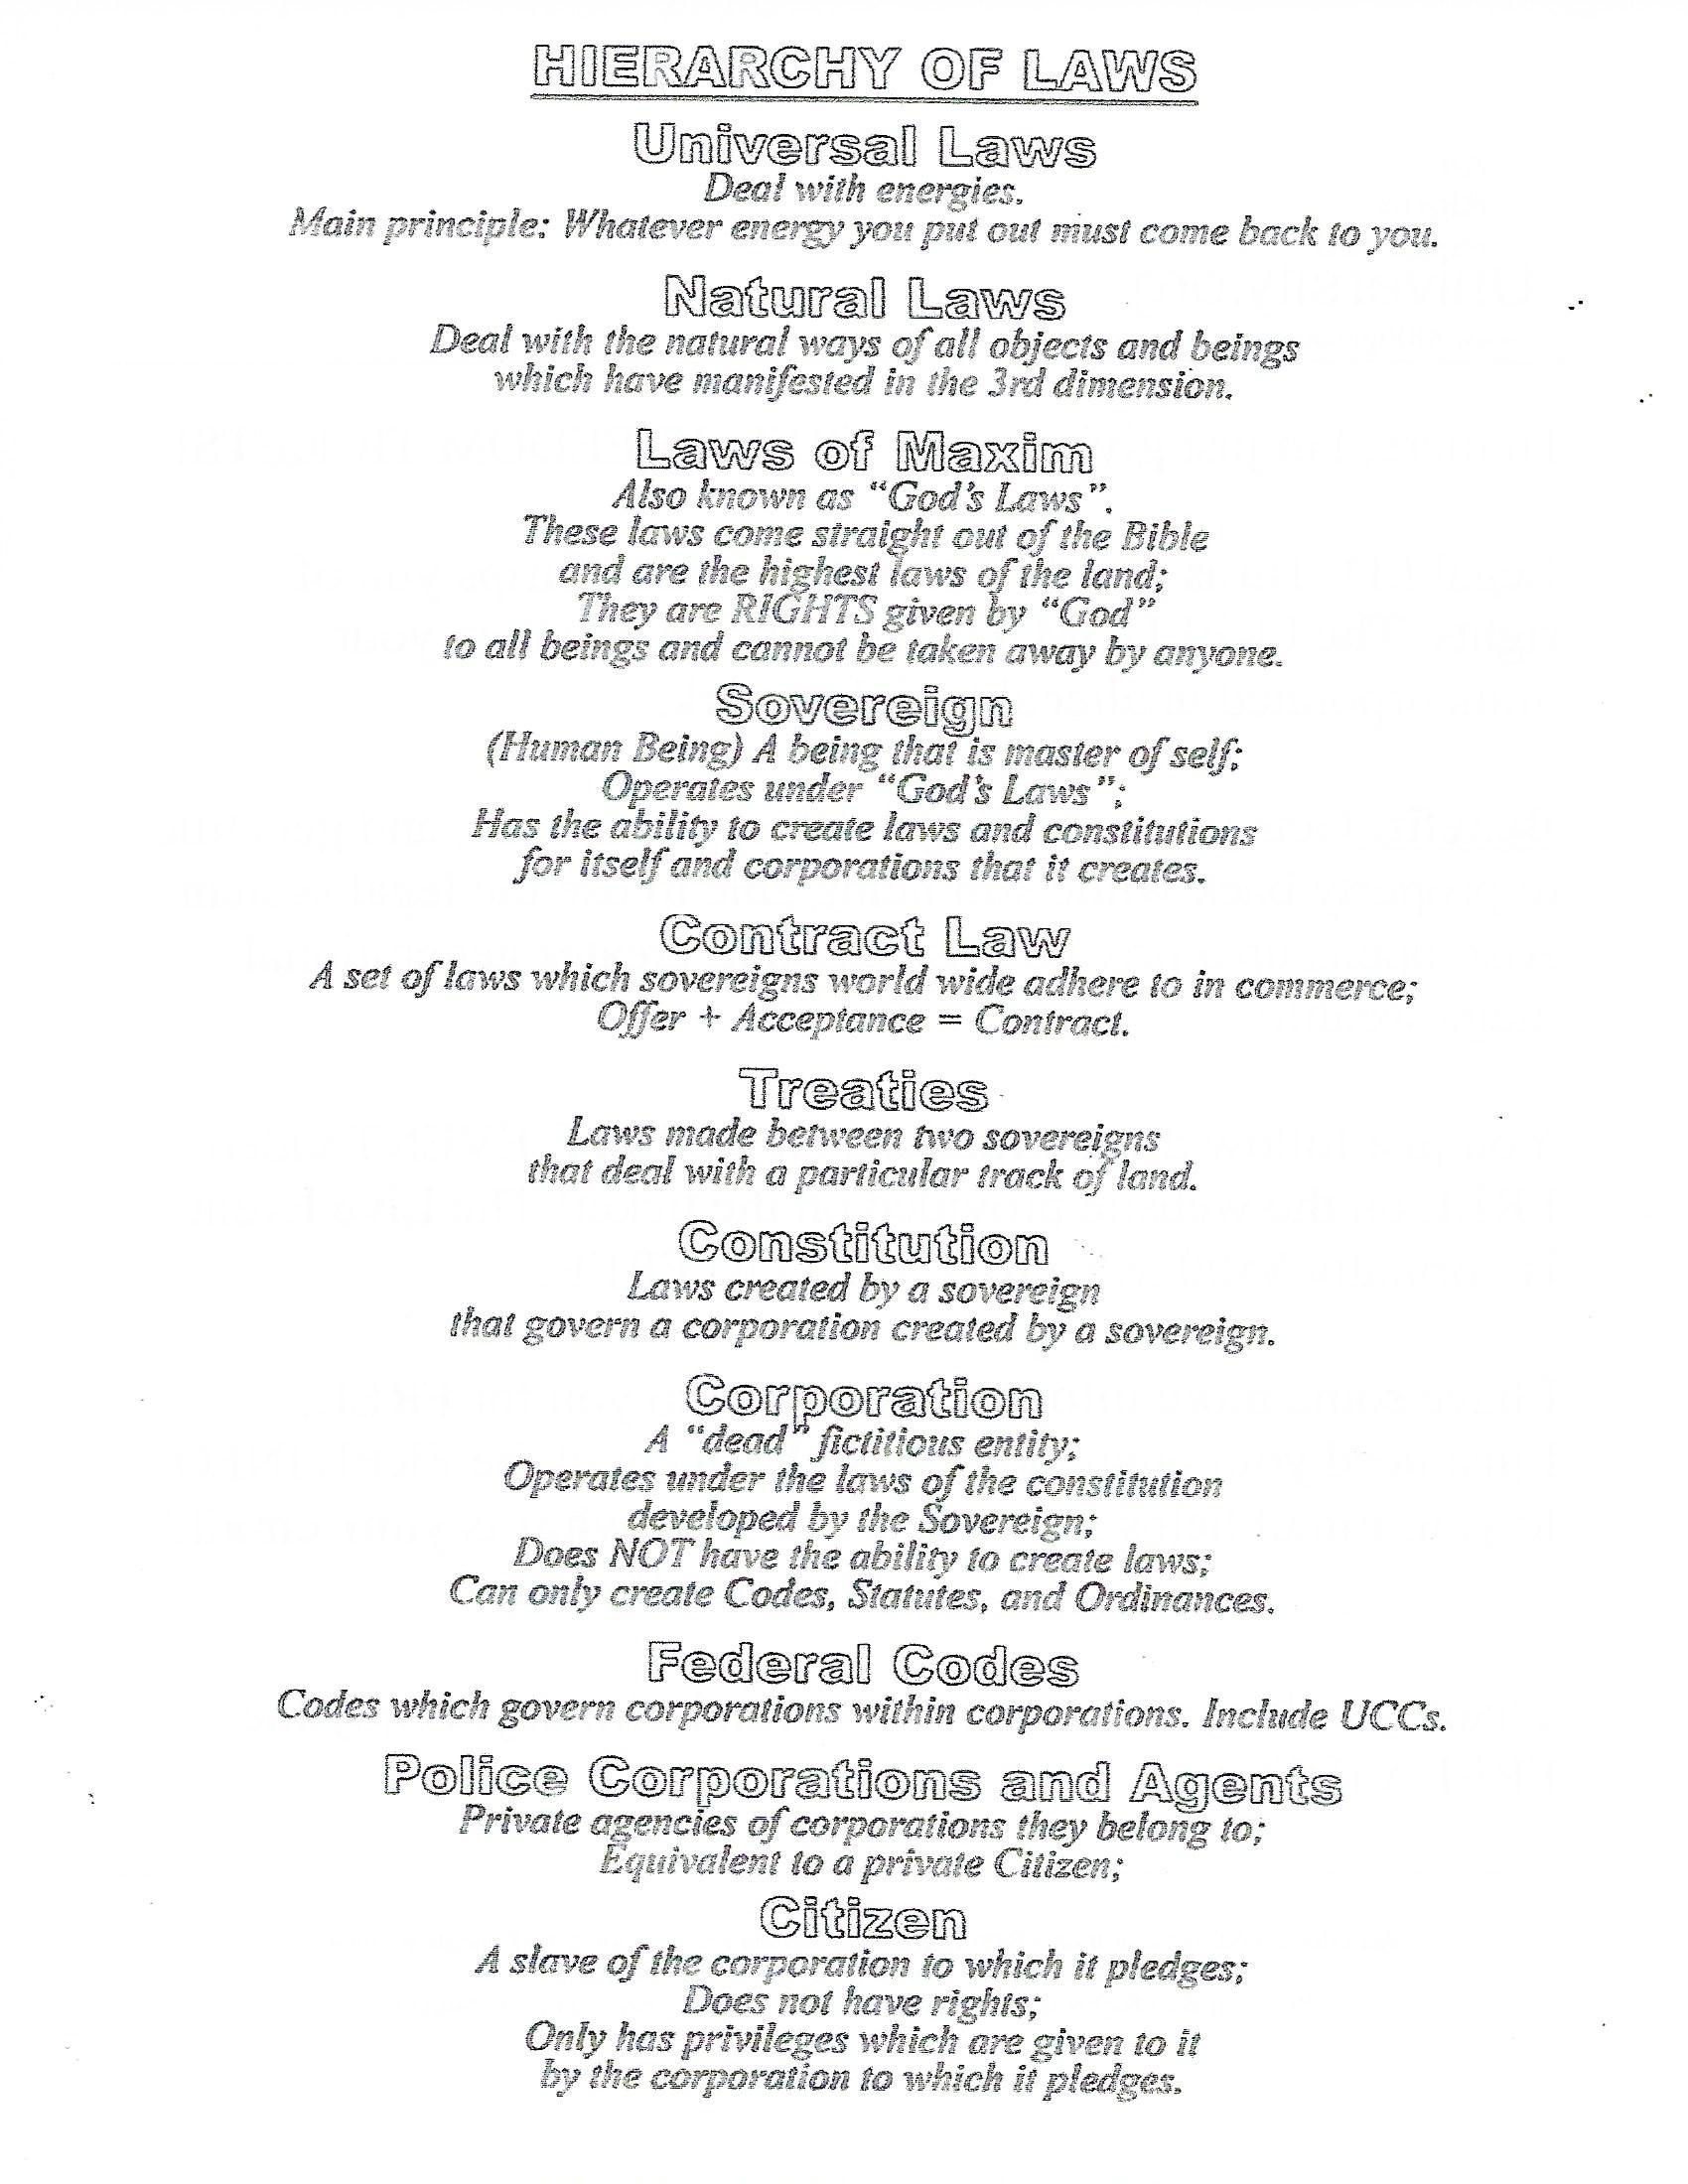 Hierarchy of laws